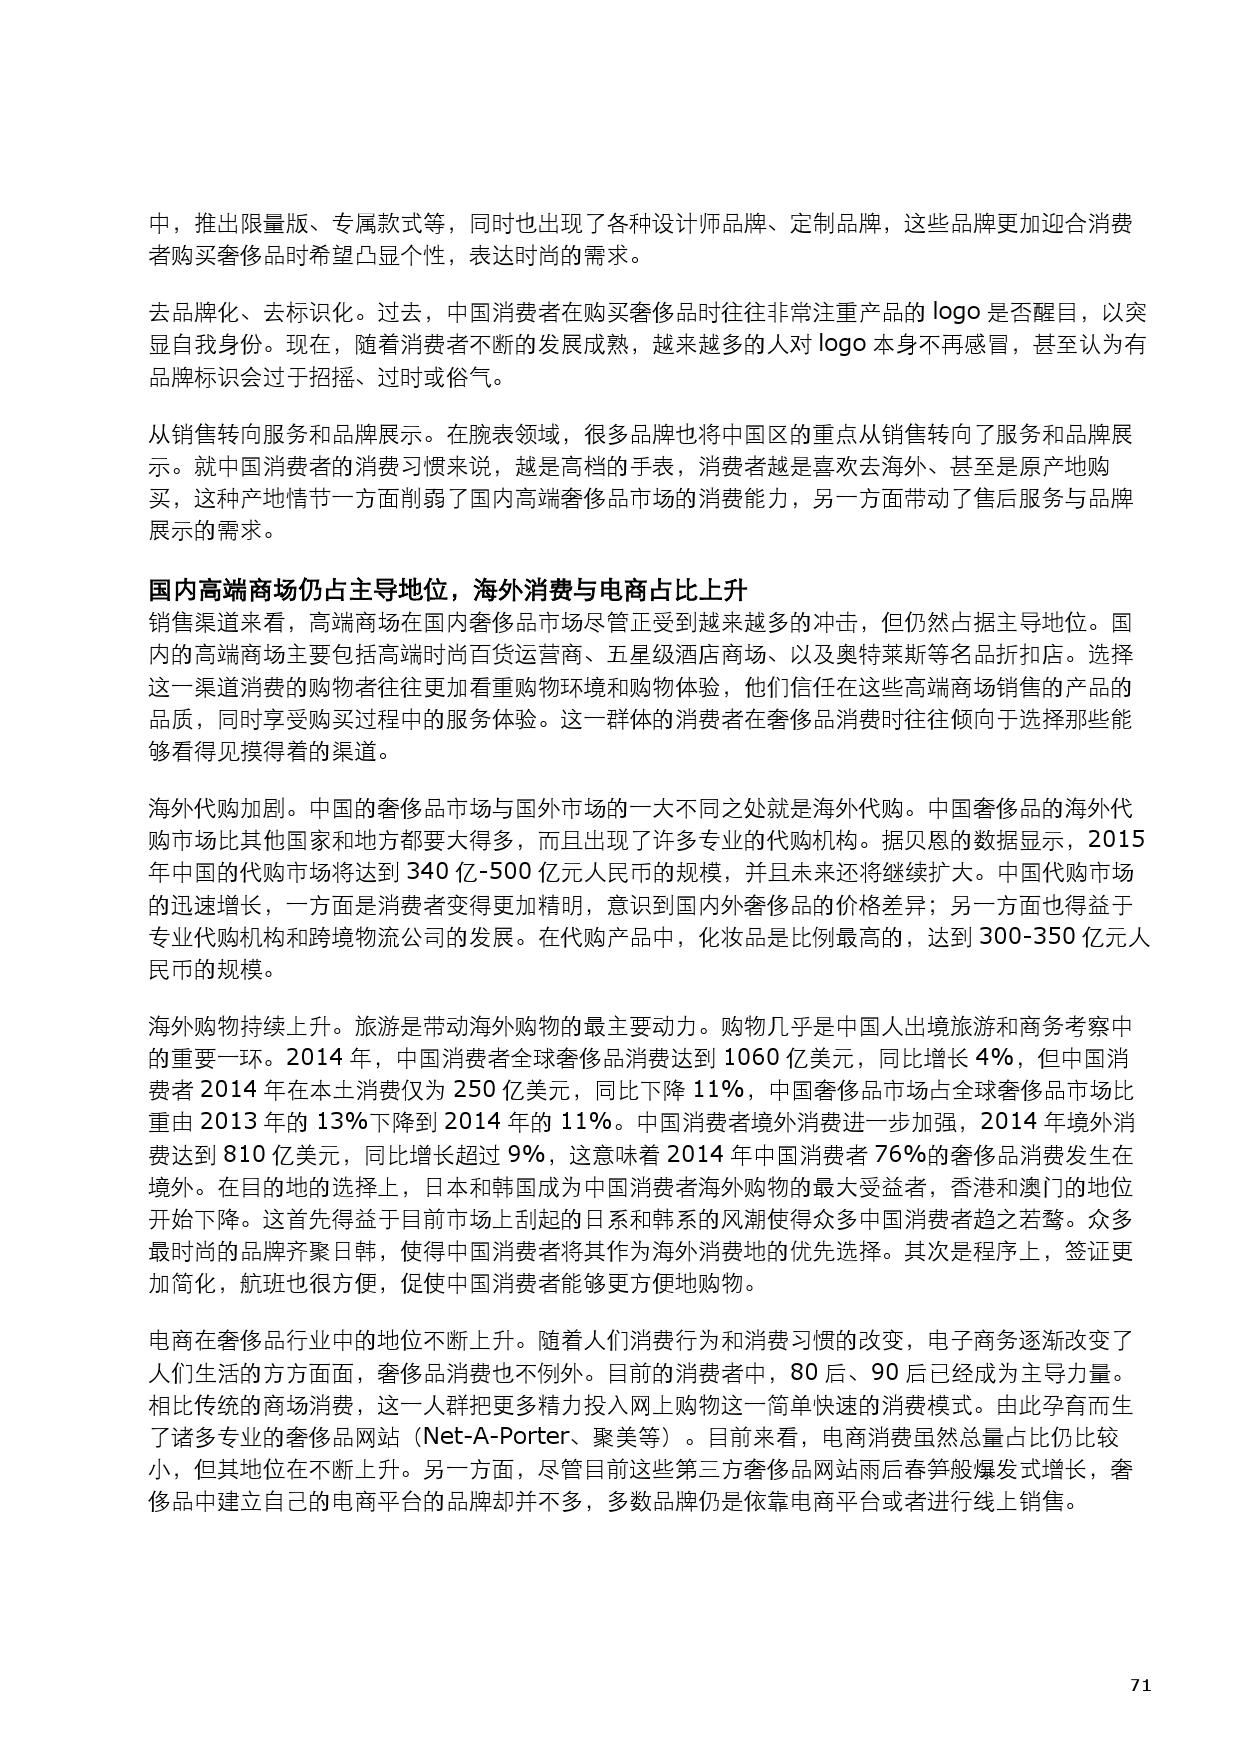 2015中国零售产业投资促进报告_000079